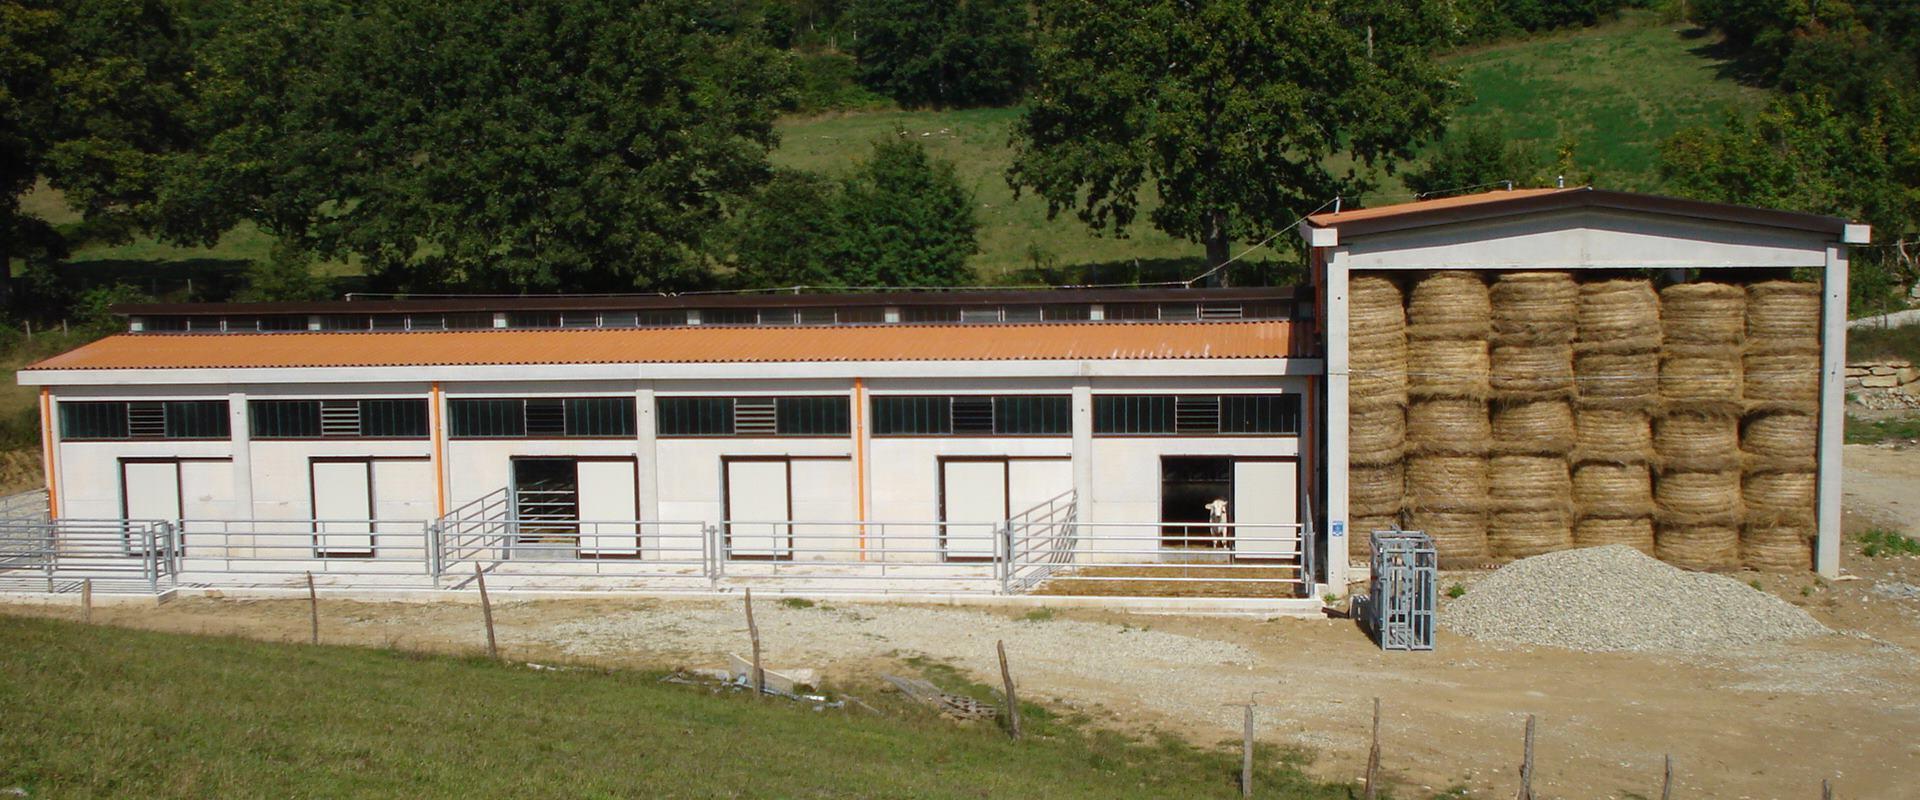 Impianti-Zootecnici2 Prodotti e Servizi